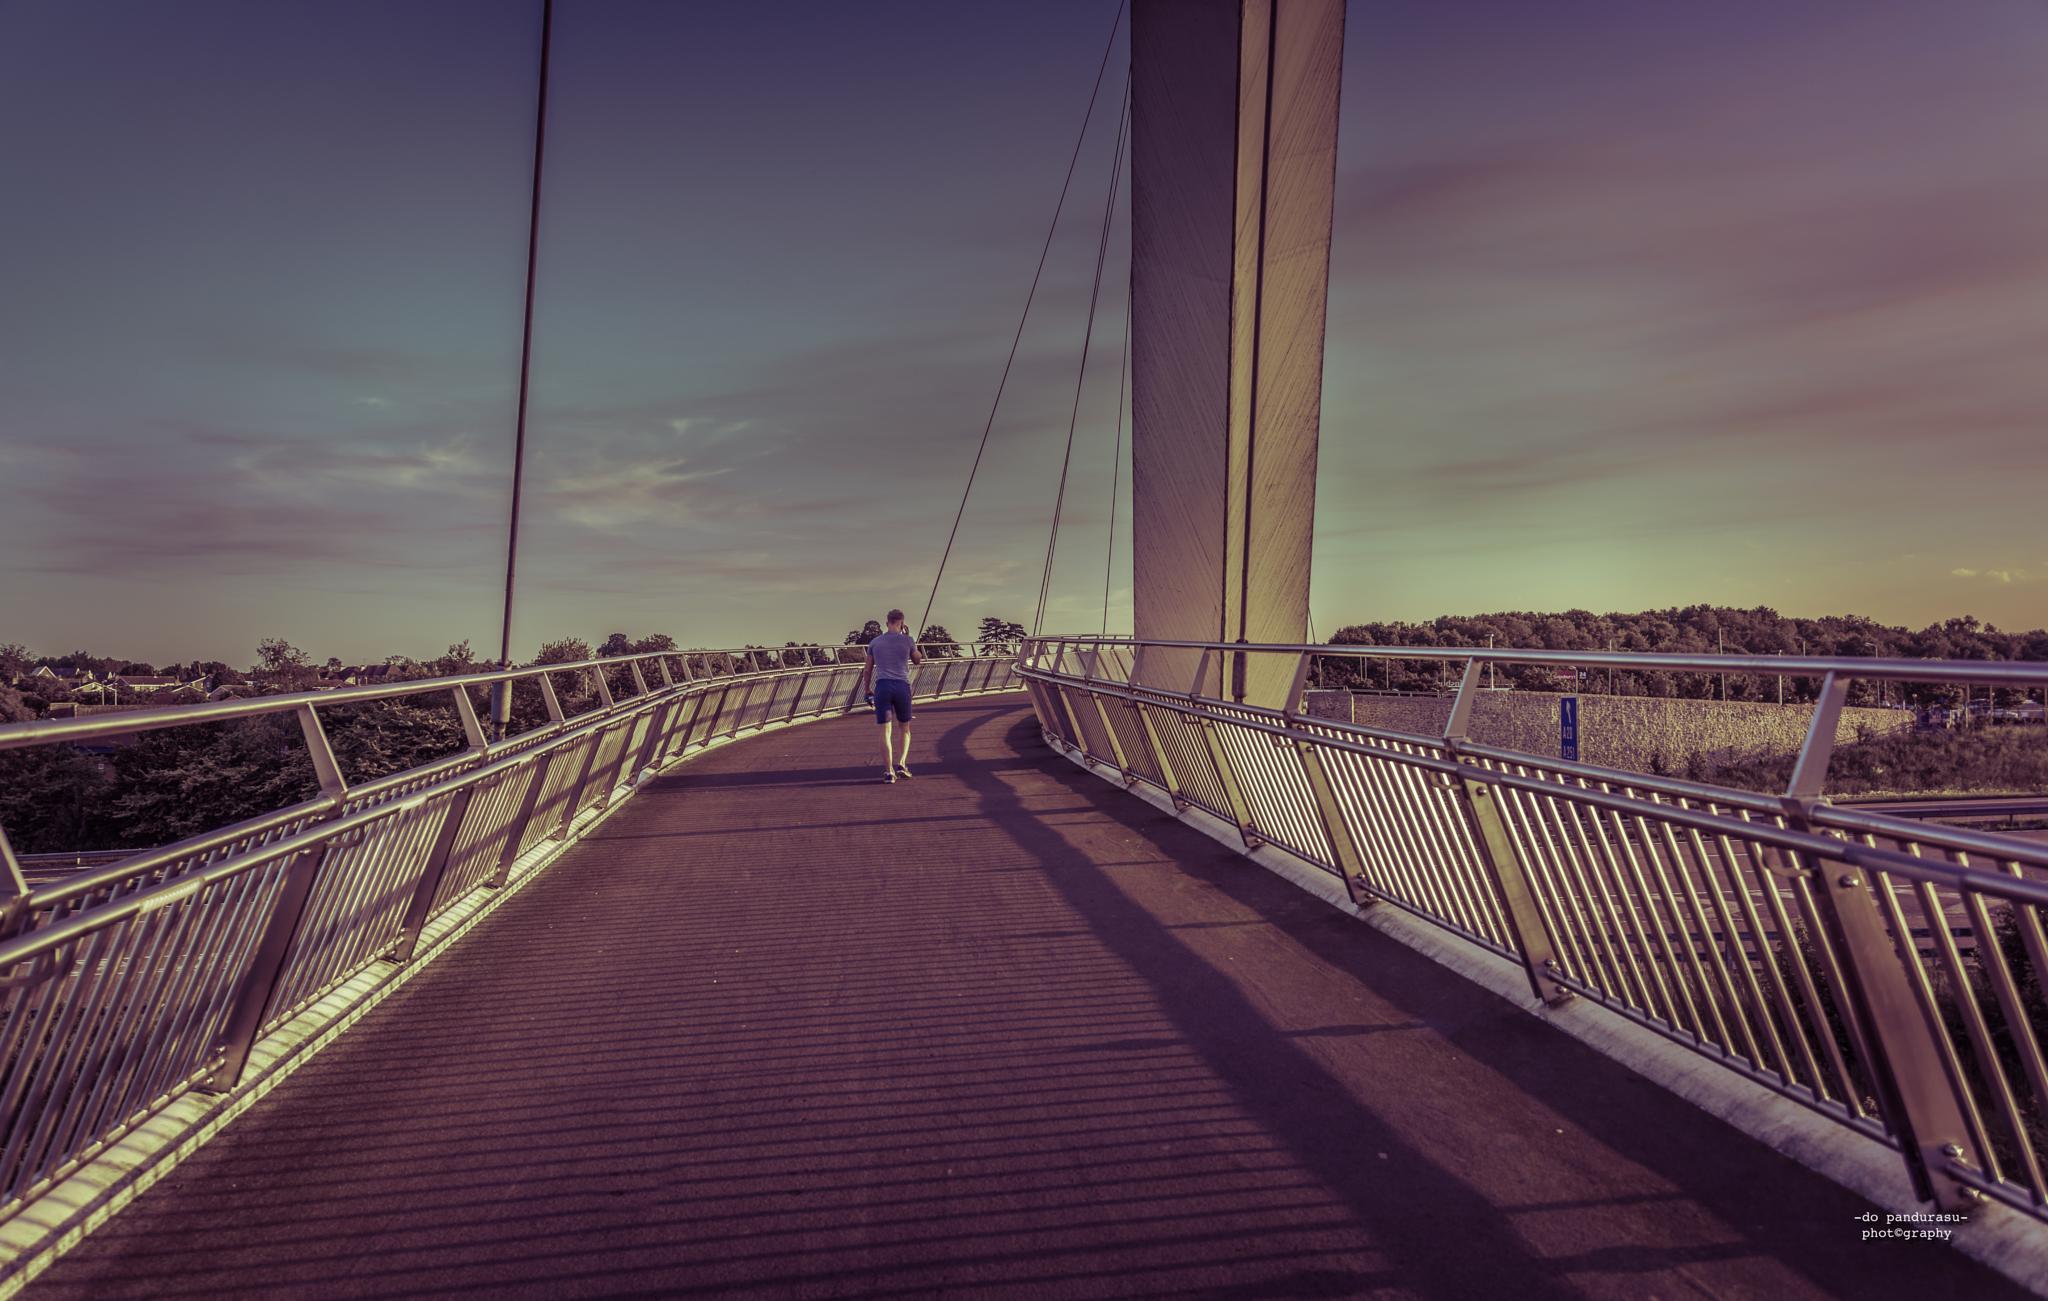 man/bridge/sunset by do pandurasu photography